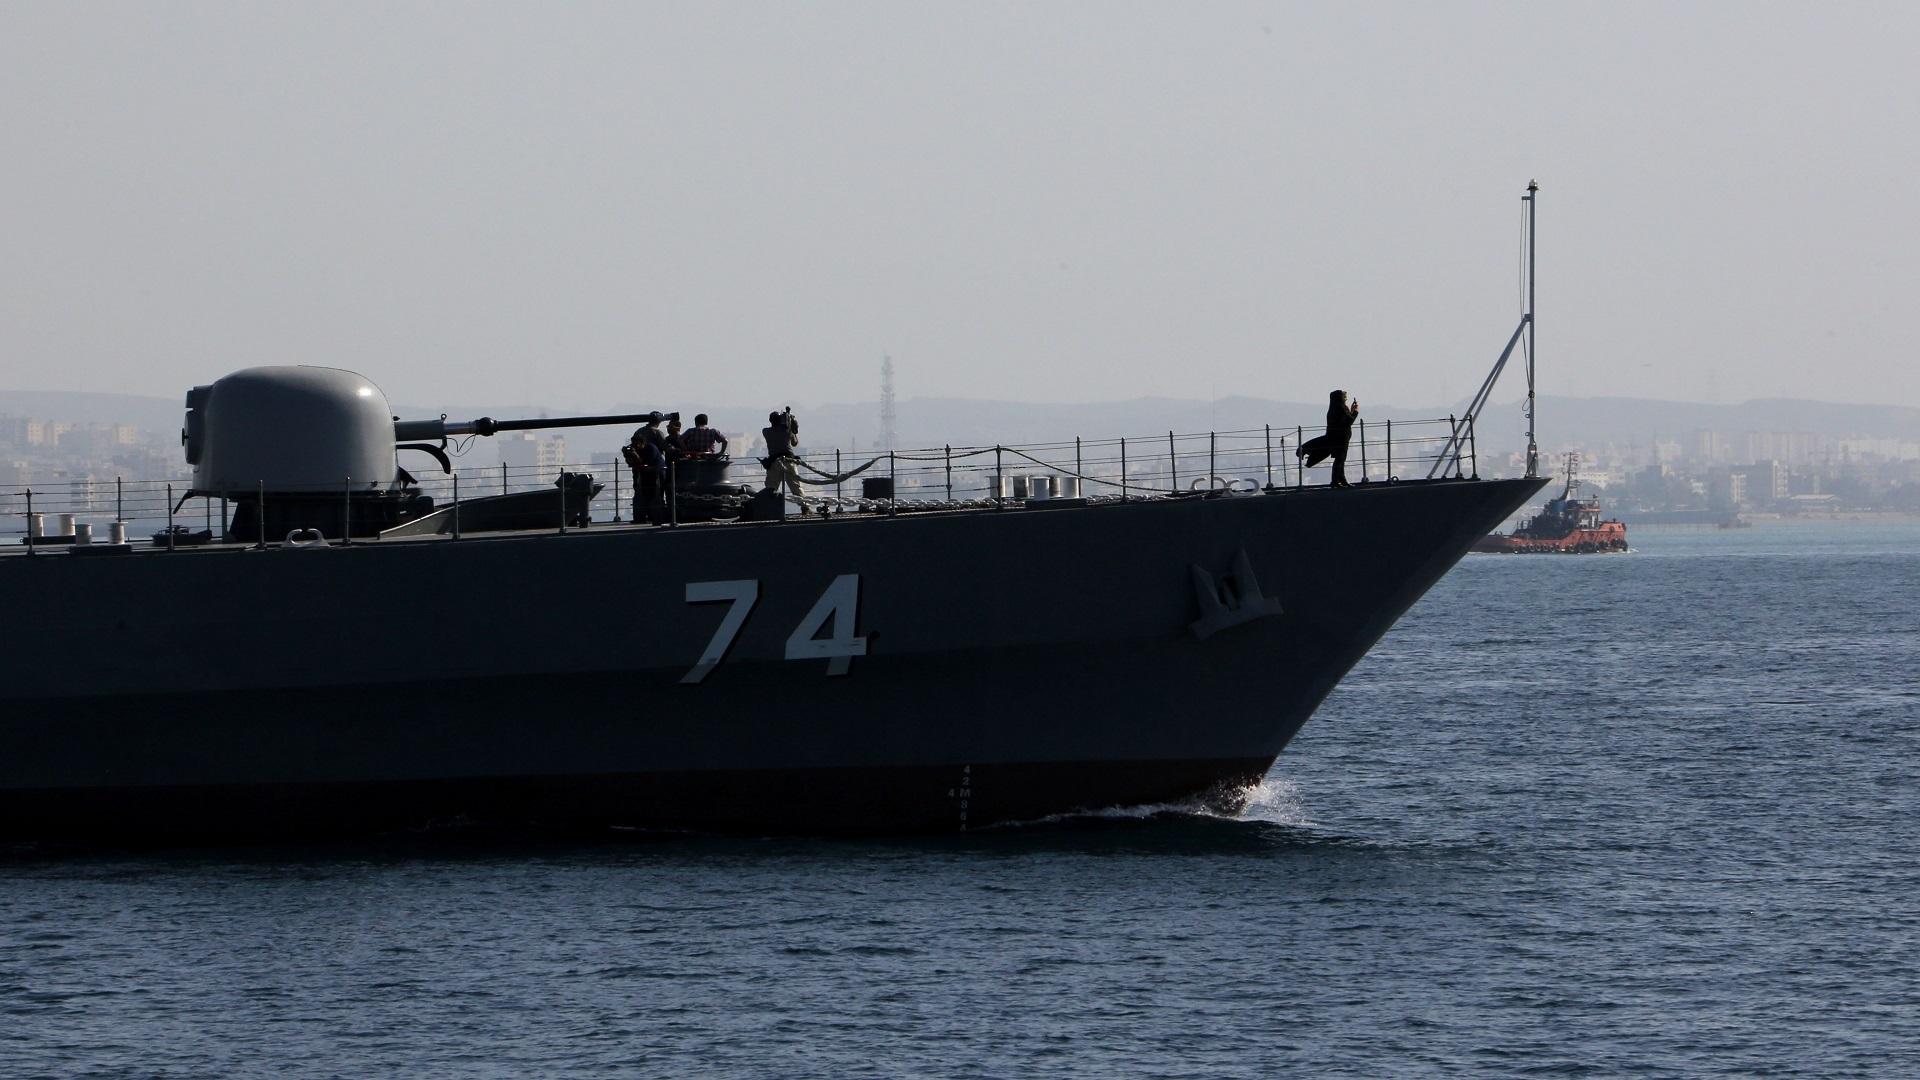 وزير دفاعها توجه إلى السعودية.. كوريا الجنوبية ترسل مدمرة حربية إلى المياه الإقليمية اليمنية بعد احتجاز الحوثيين لسفينتين كوريتين